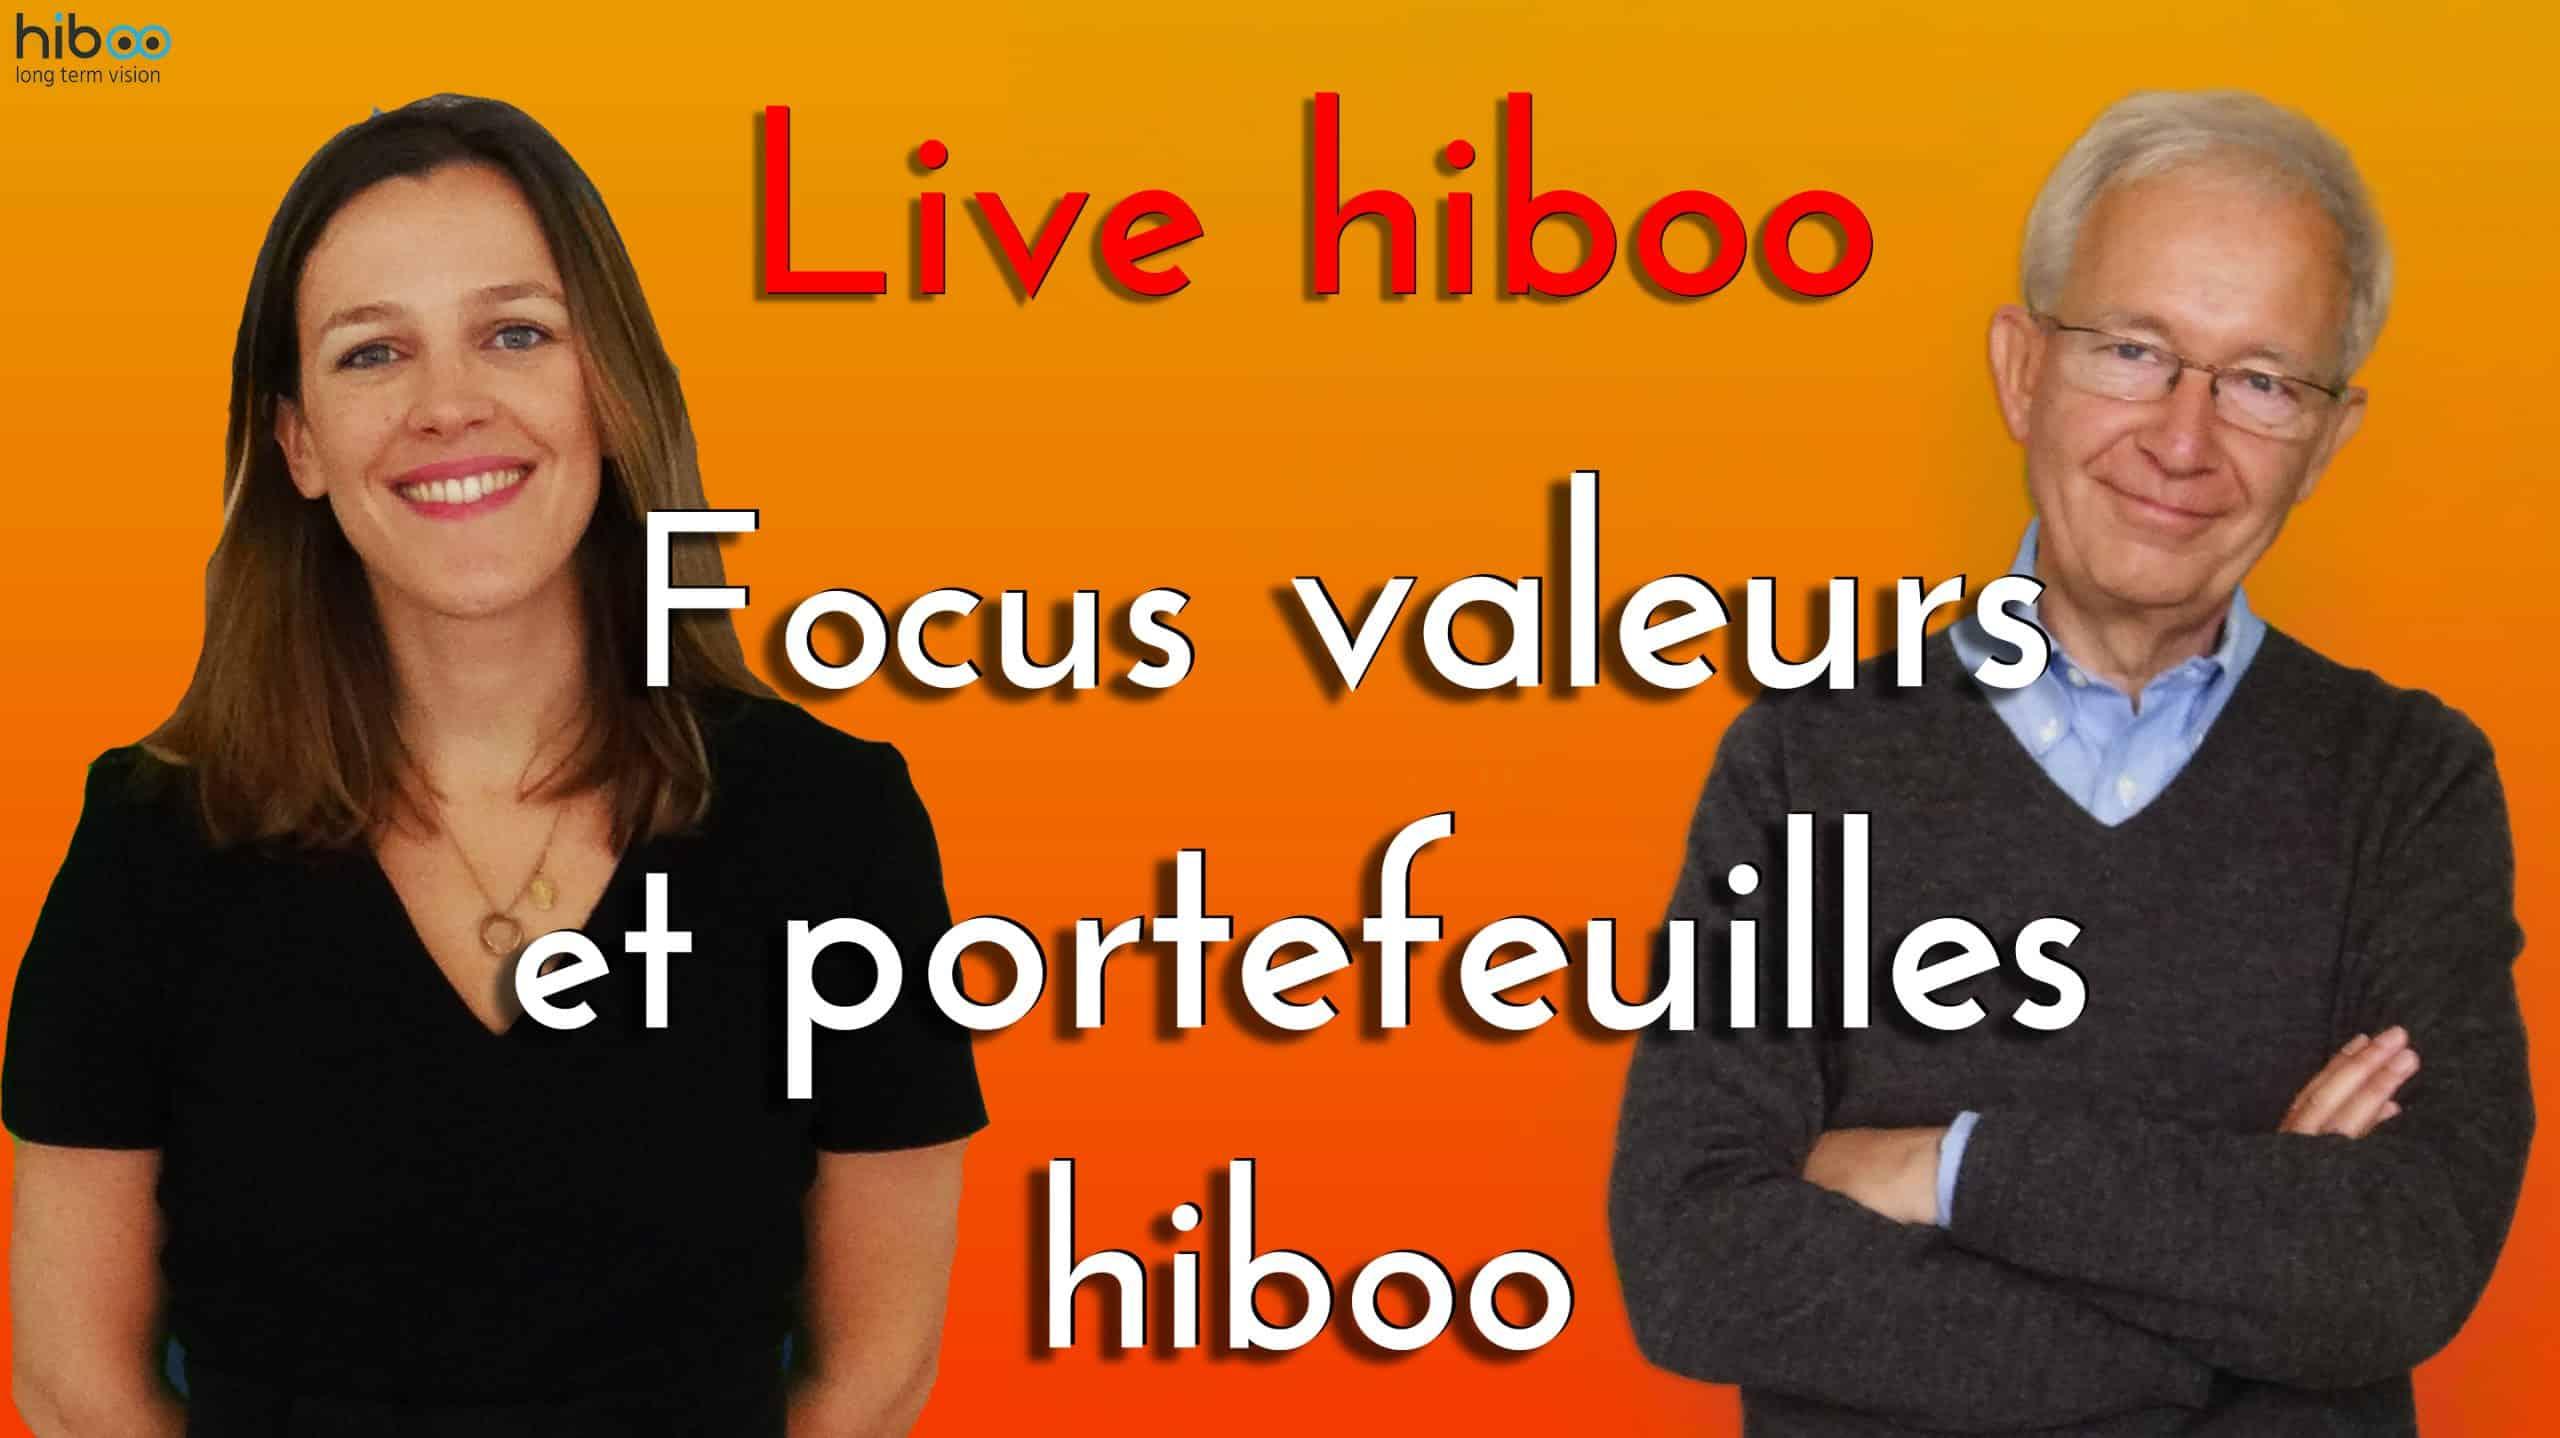 Live X focus valeurs et portefeuilles